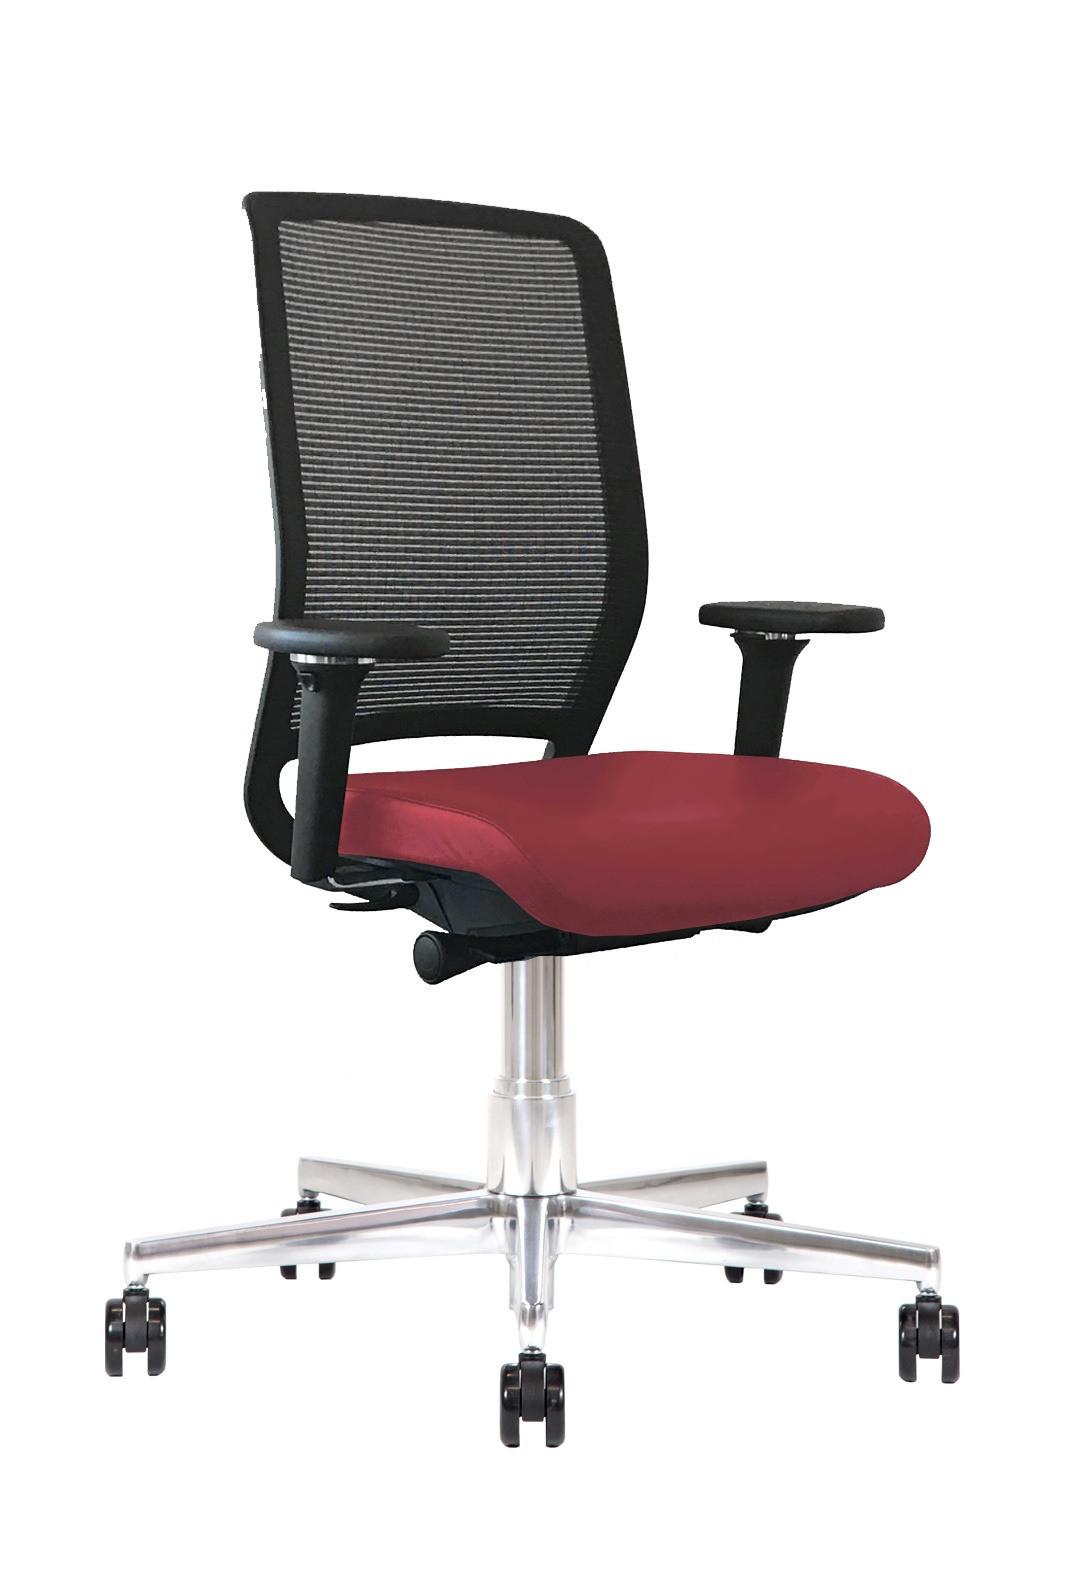 BB214 sedia direzionale 3Q Fronte rubino